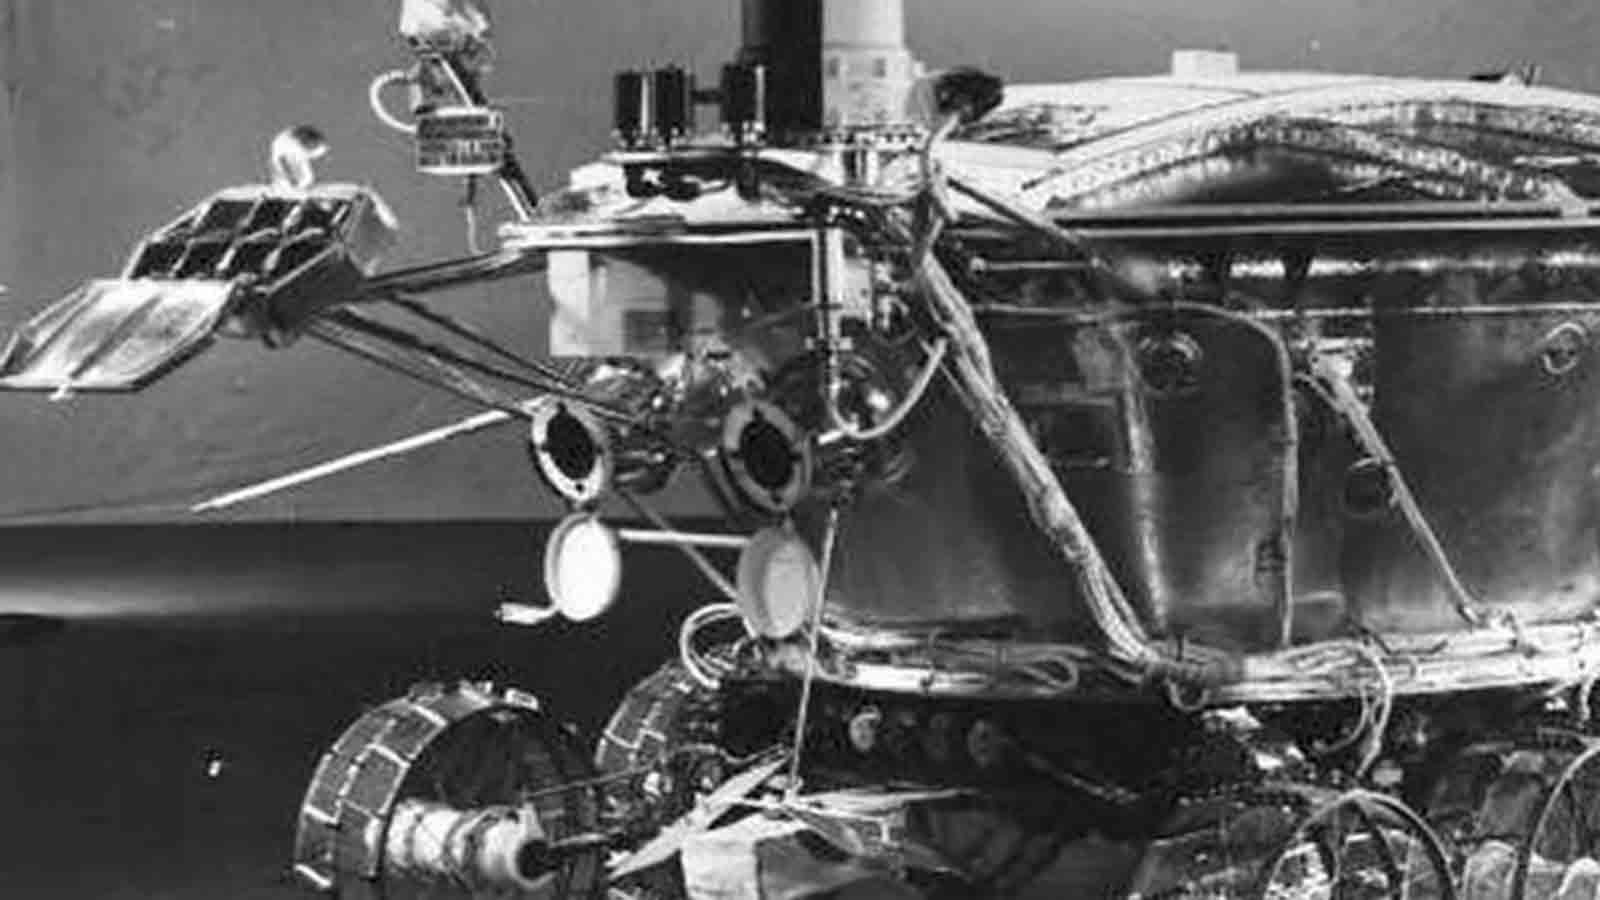 C3 - La robótica y el sueño de los viajes espaciales